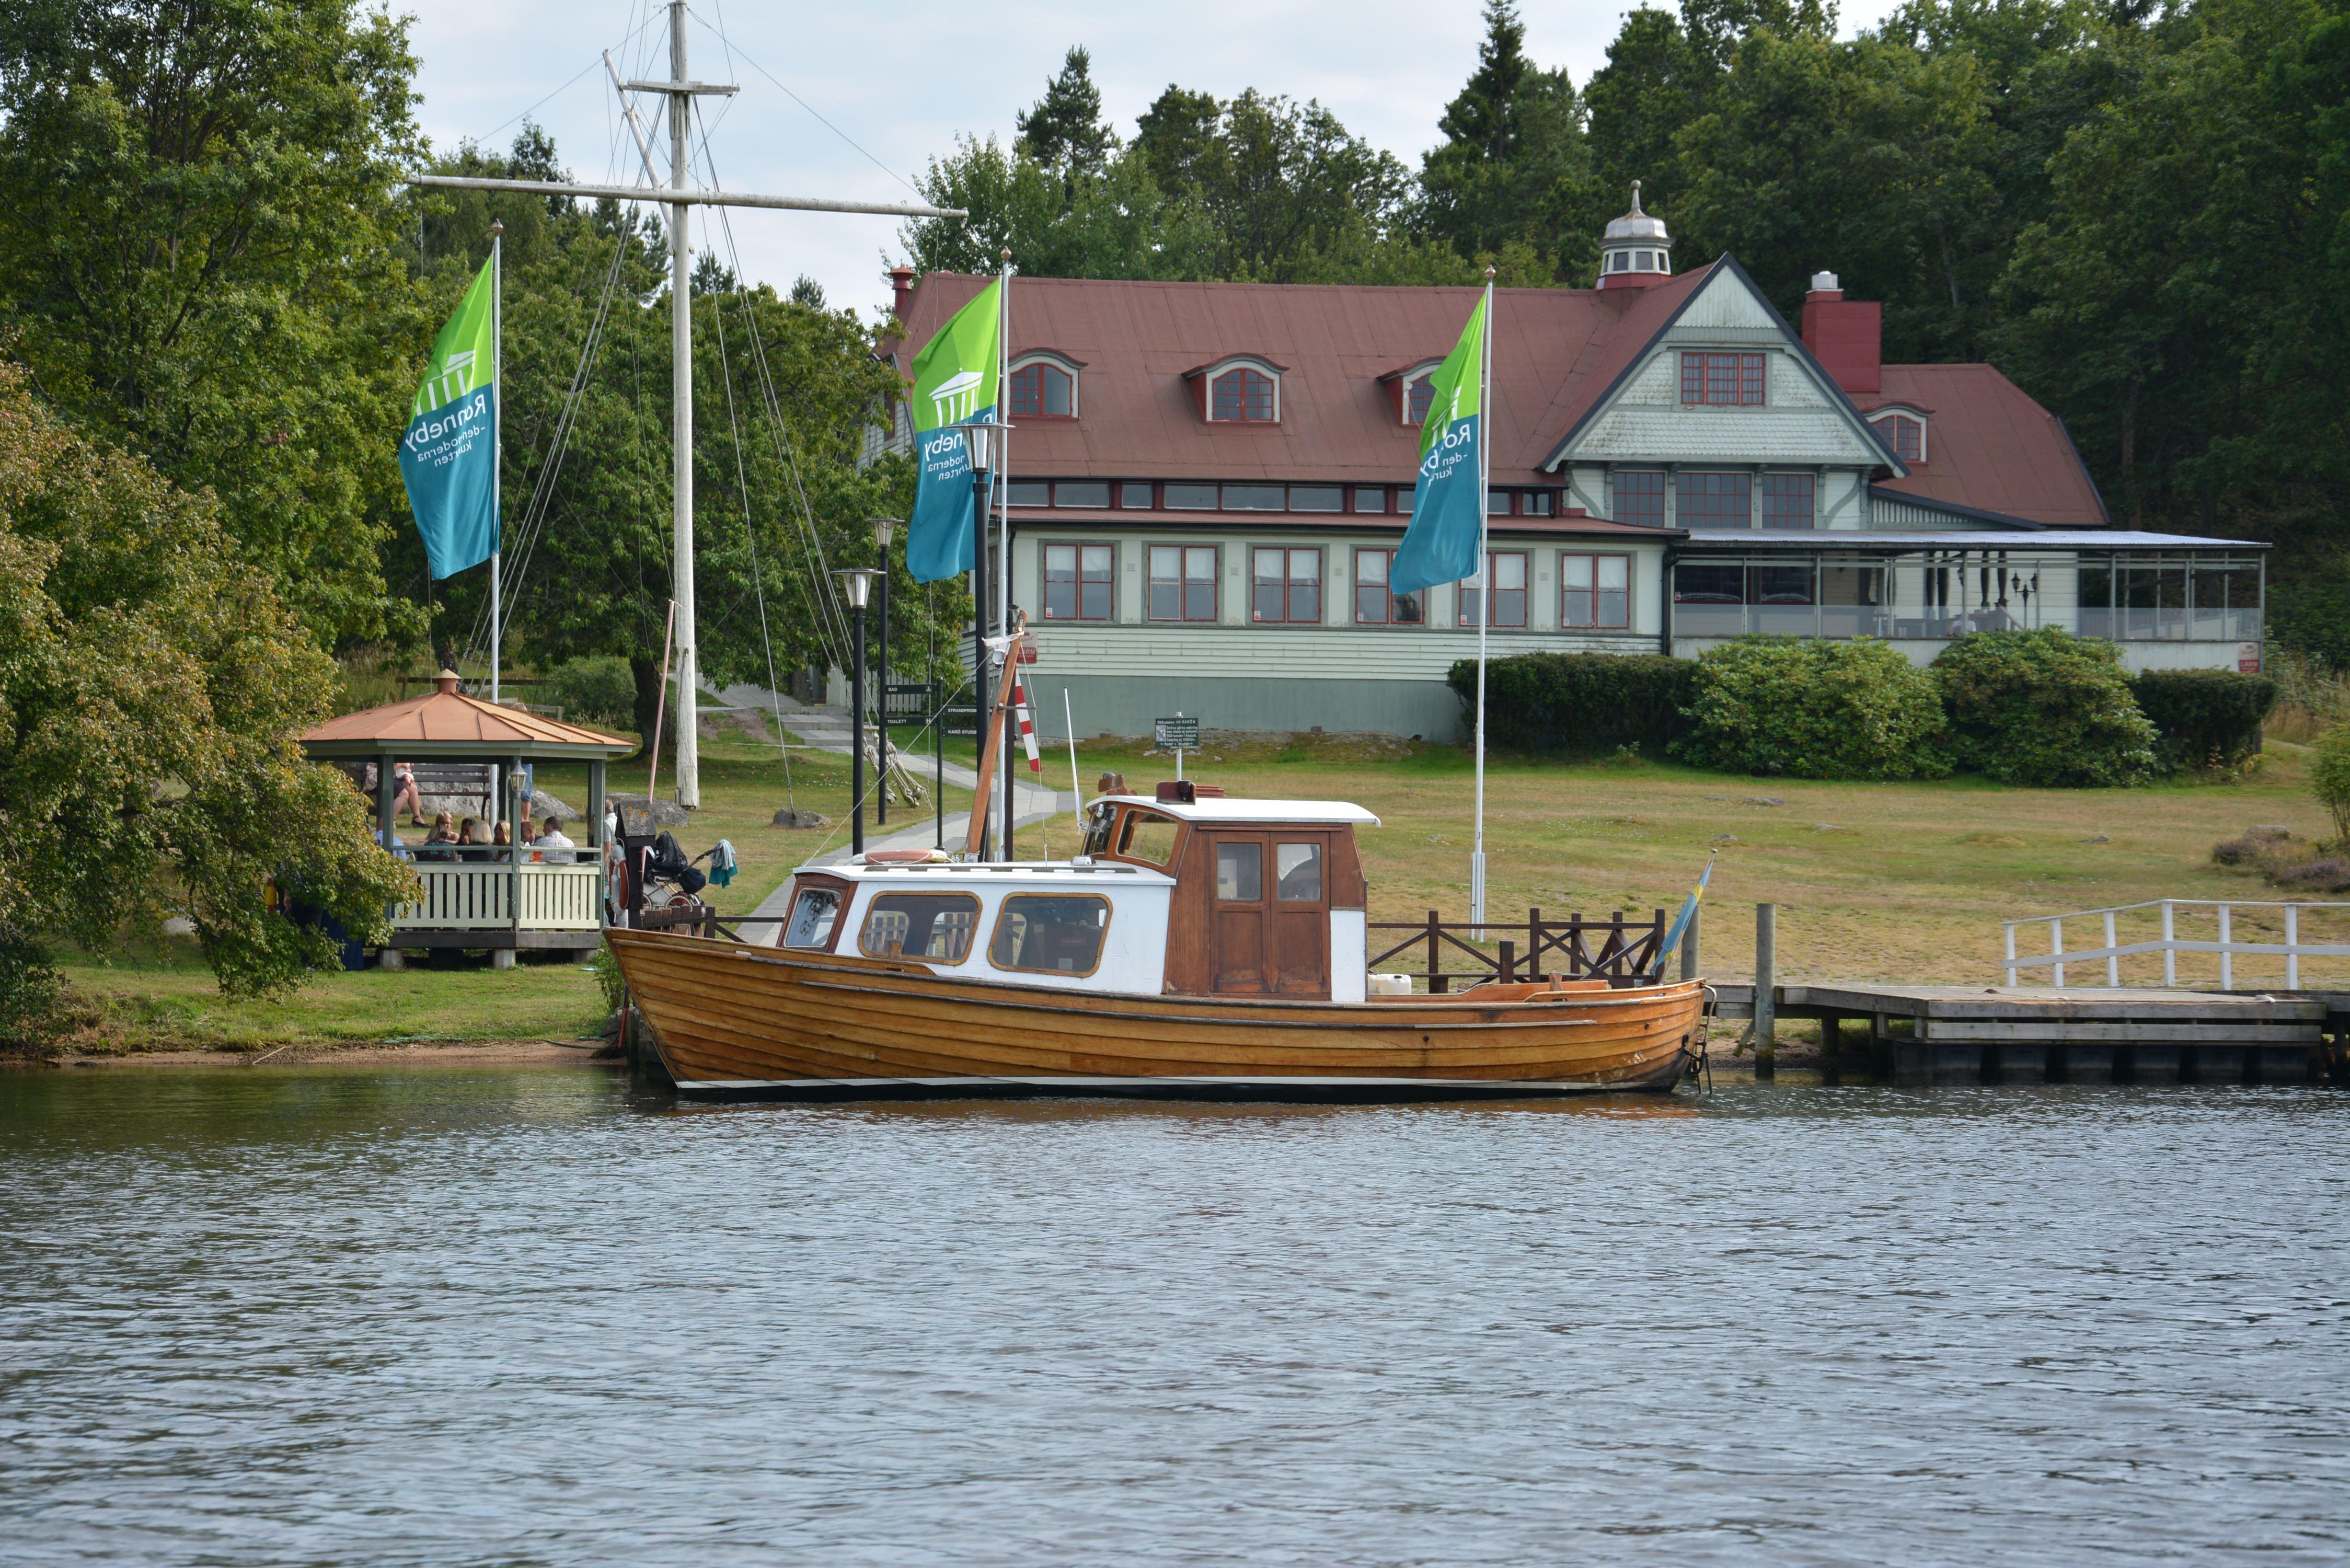 Dejta kvinnor i Karlskrona Sk bland tusentals kvinnor i